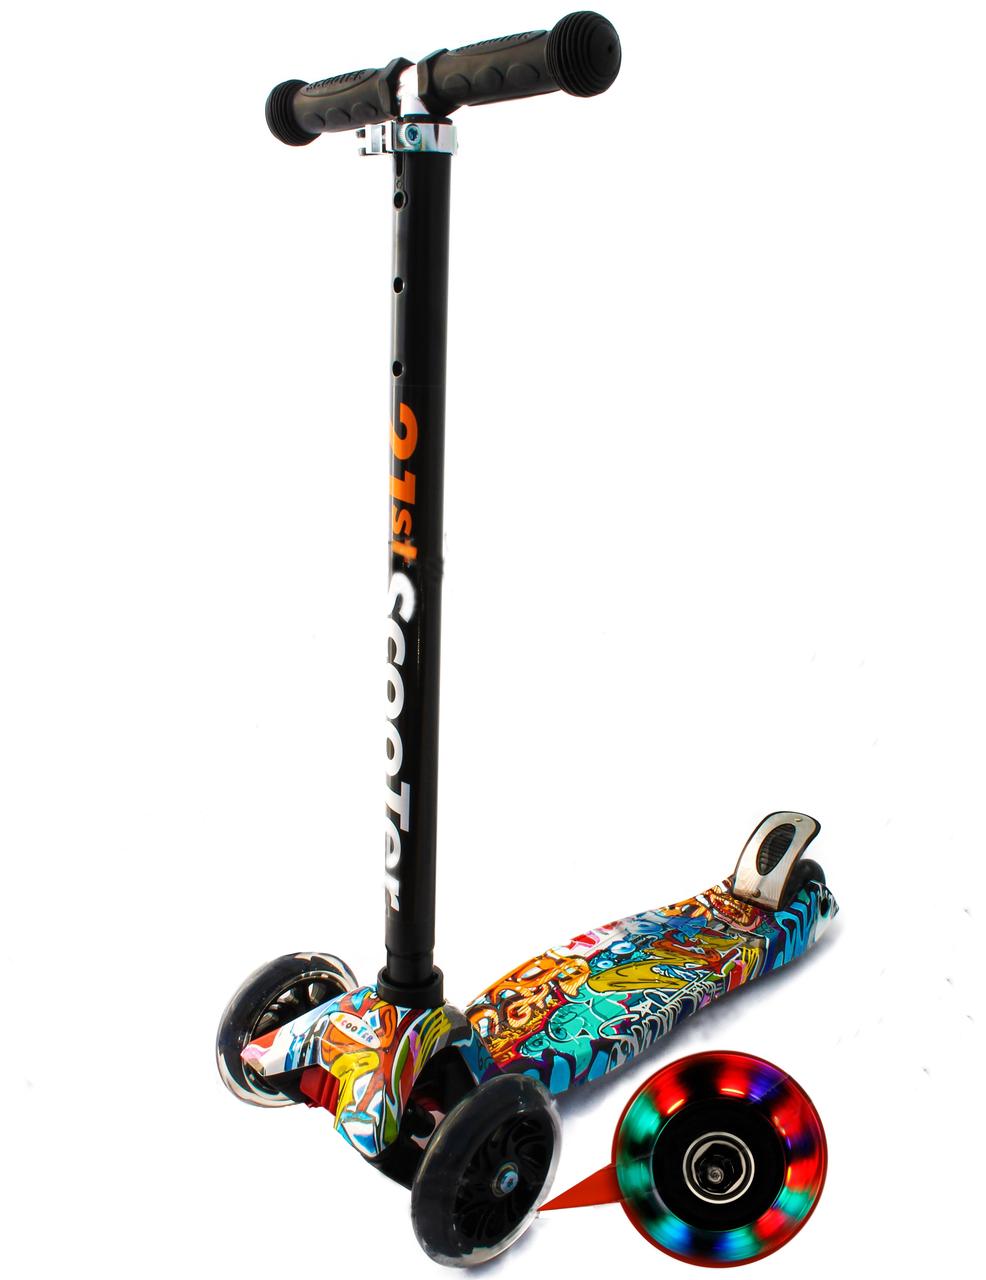 """Трёхколёсный самокат SCOOTER 21st Maxi """"Triumf Active SKL-07LP"""" со светящимися колесами и с принтом"""